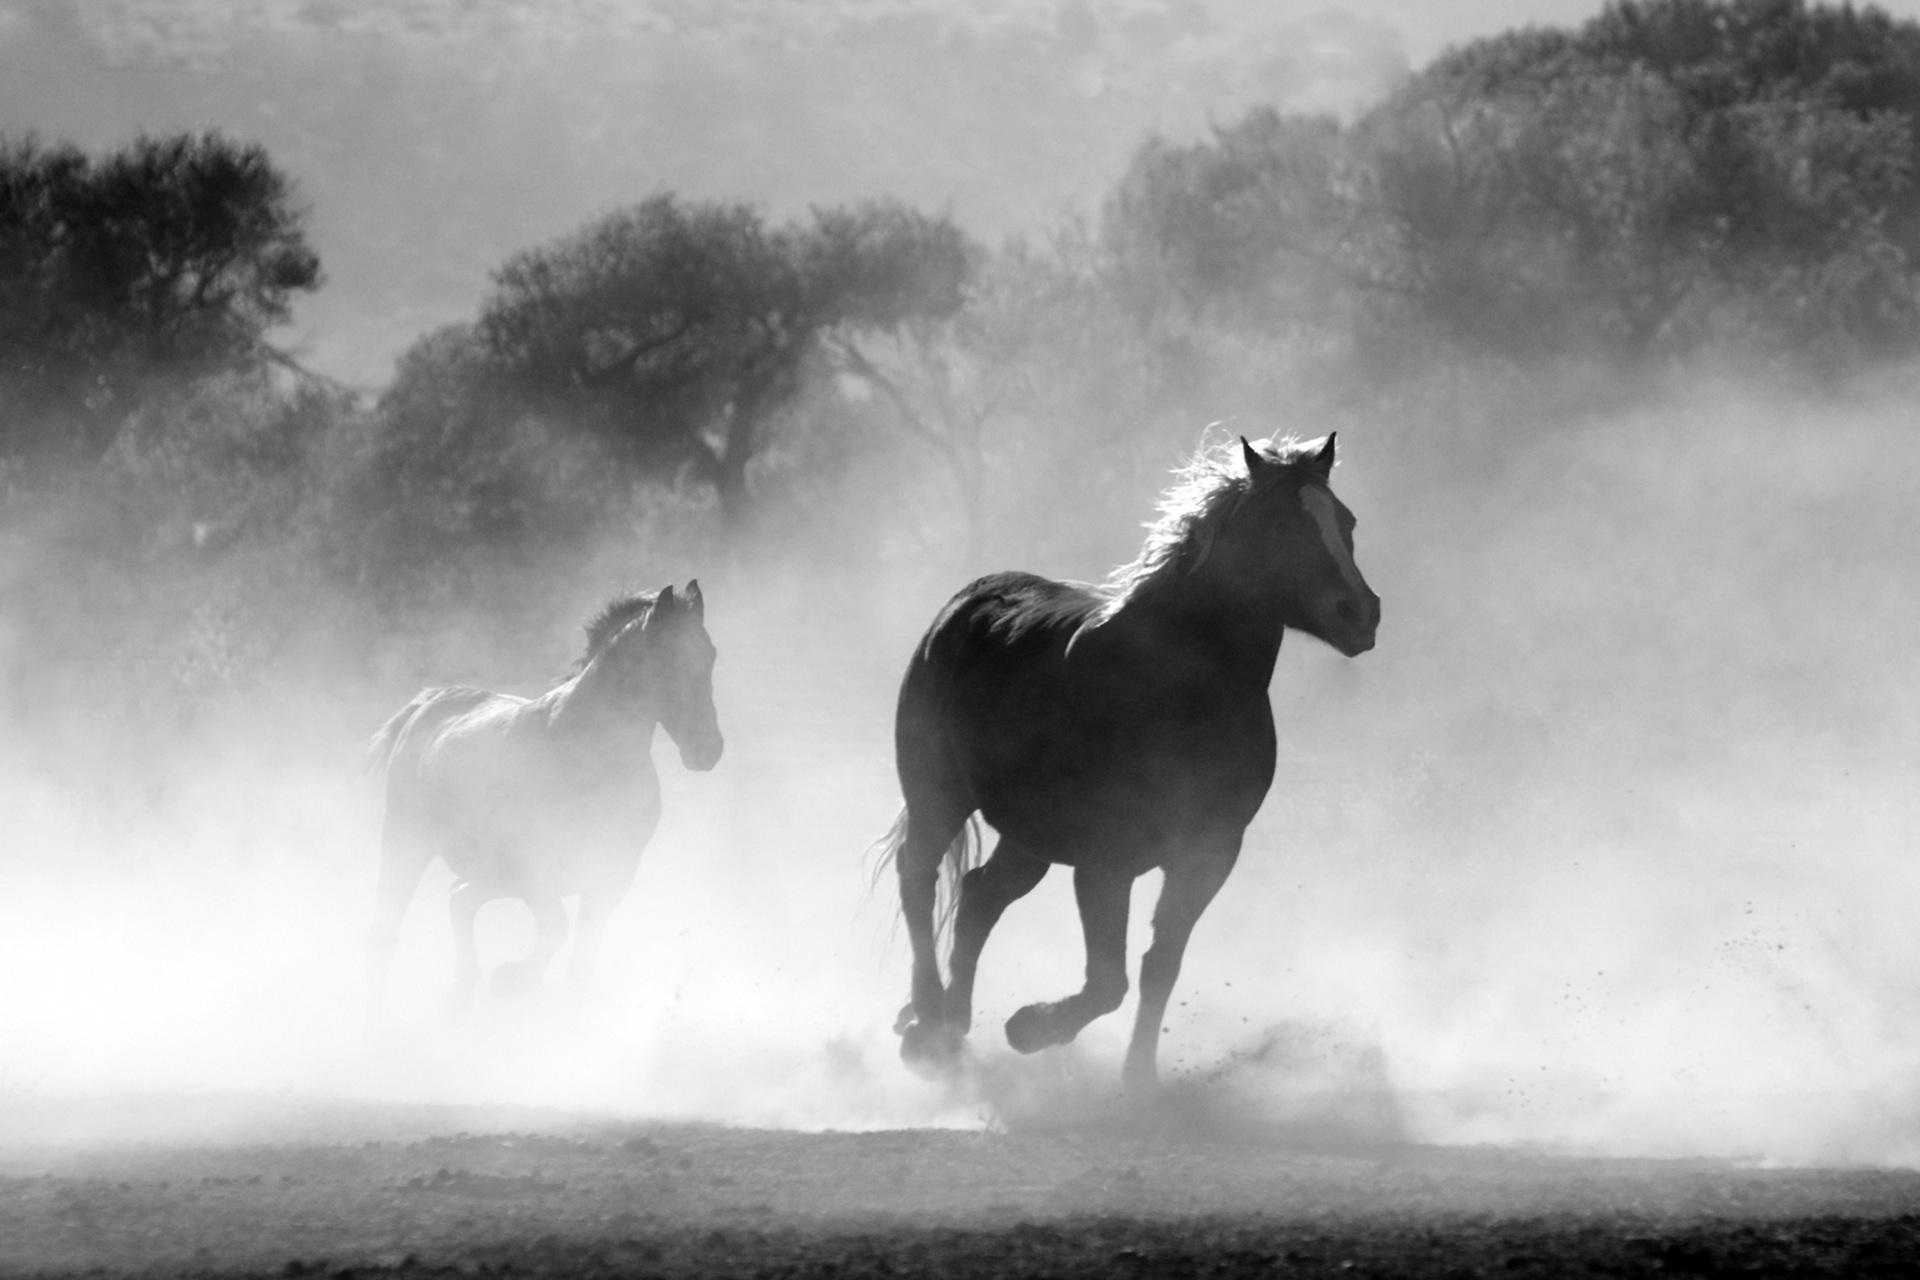 馬, 野生, 自由, キャリア, 粉体 - HD の壁紙 - 教授-falken.com